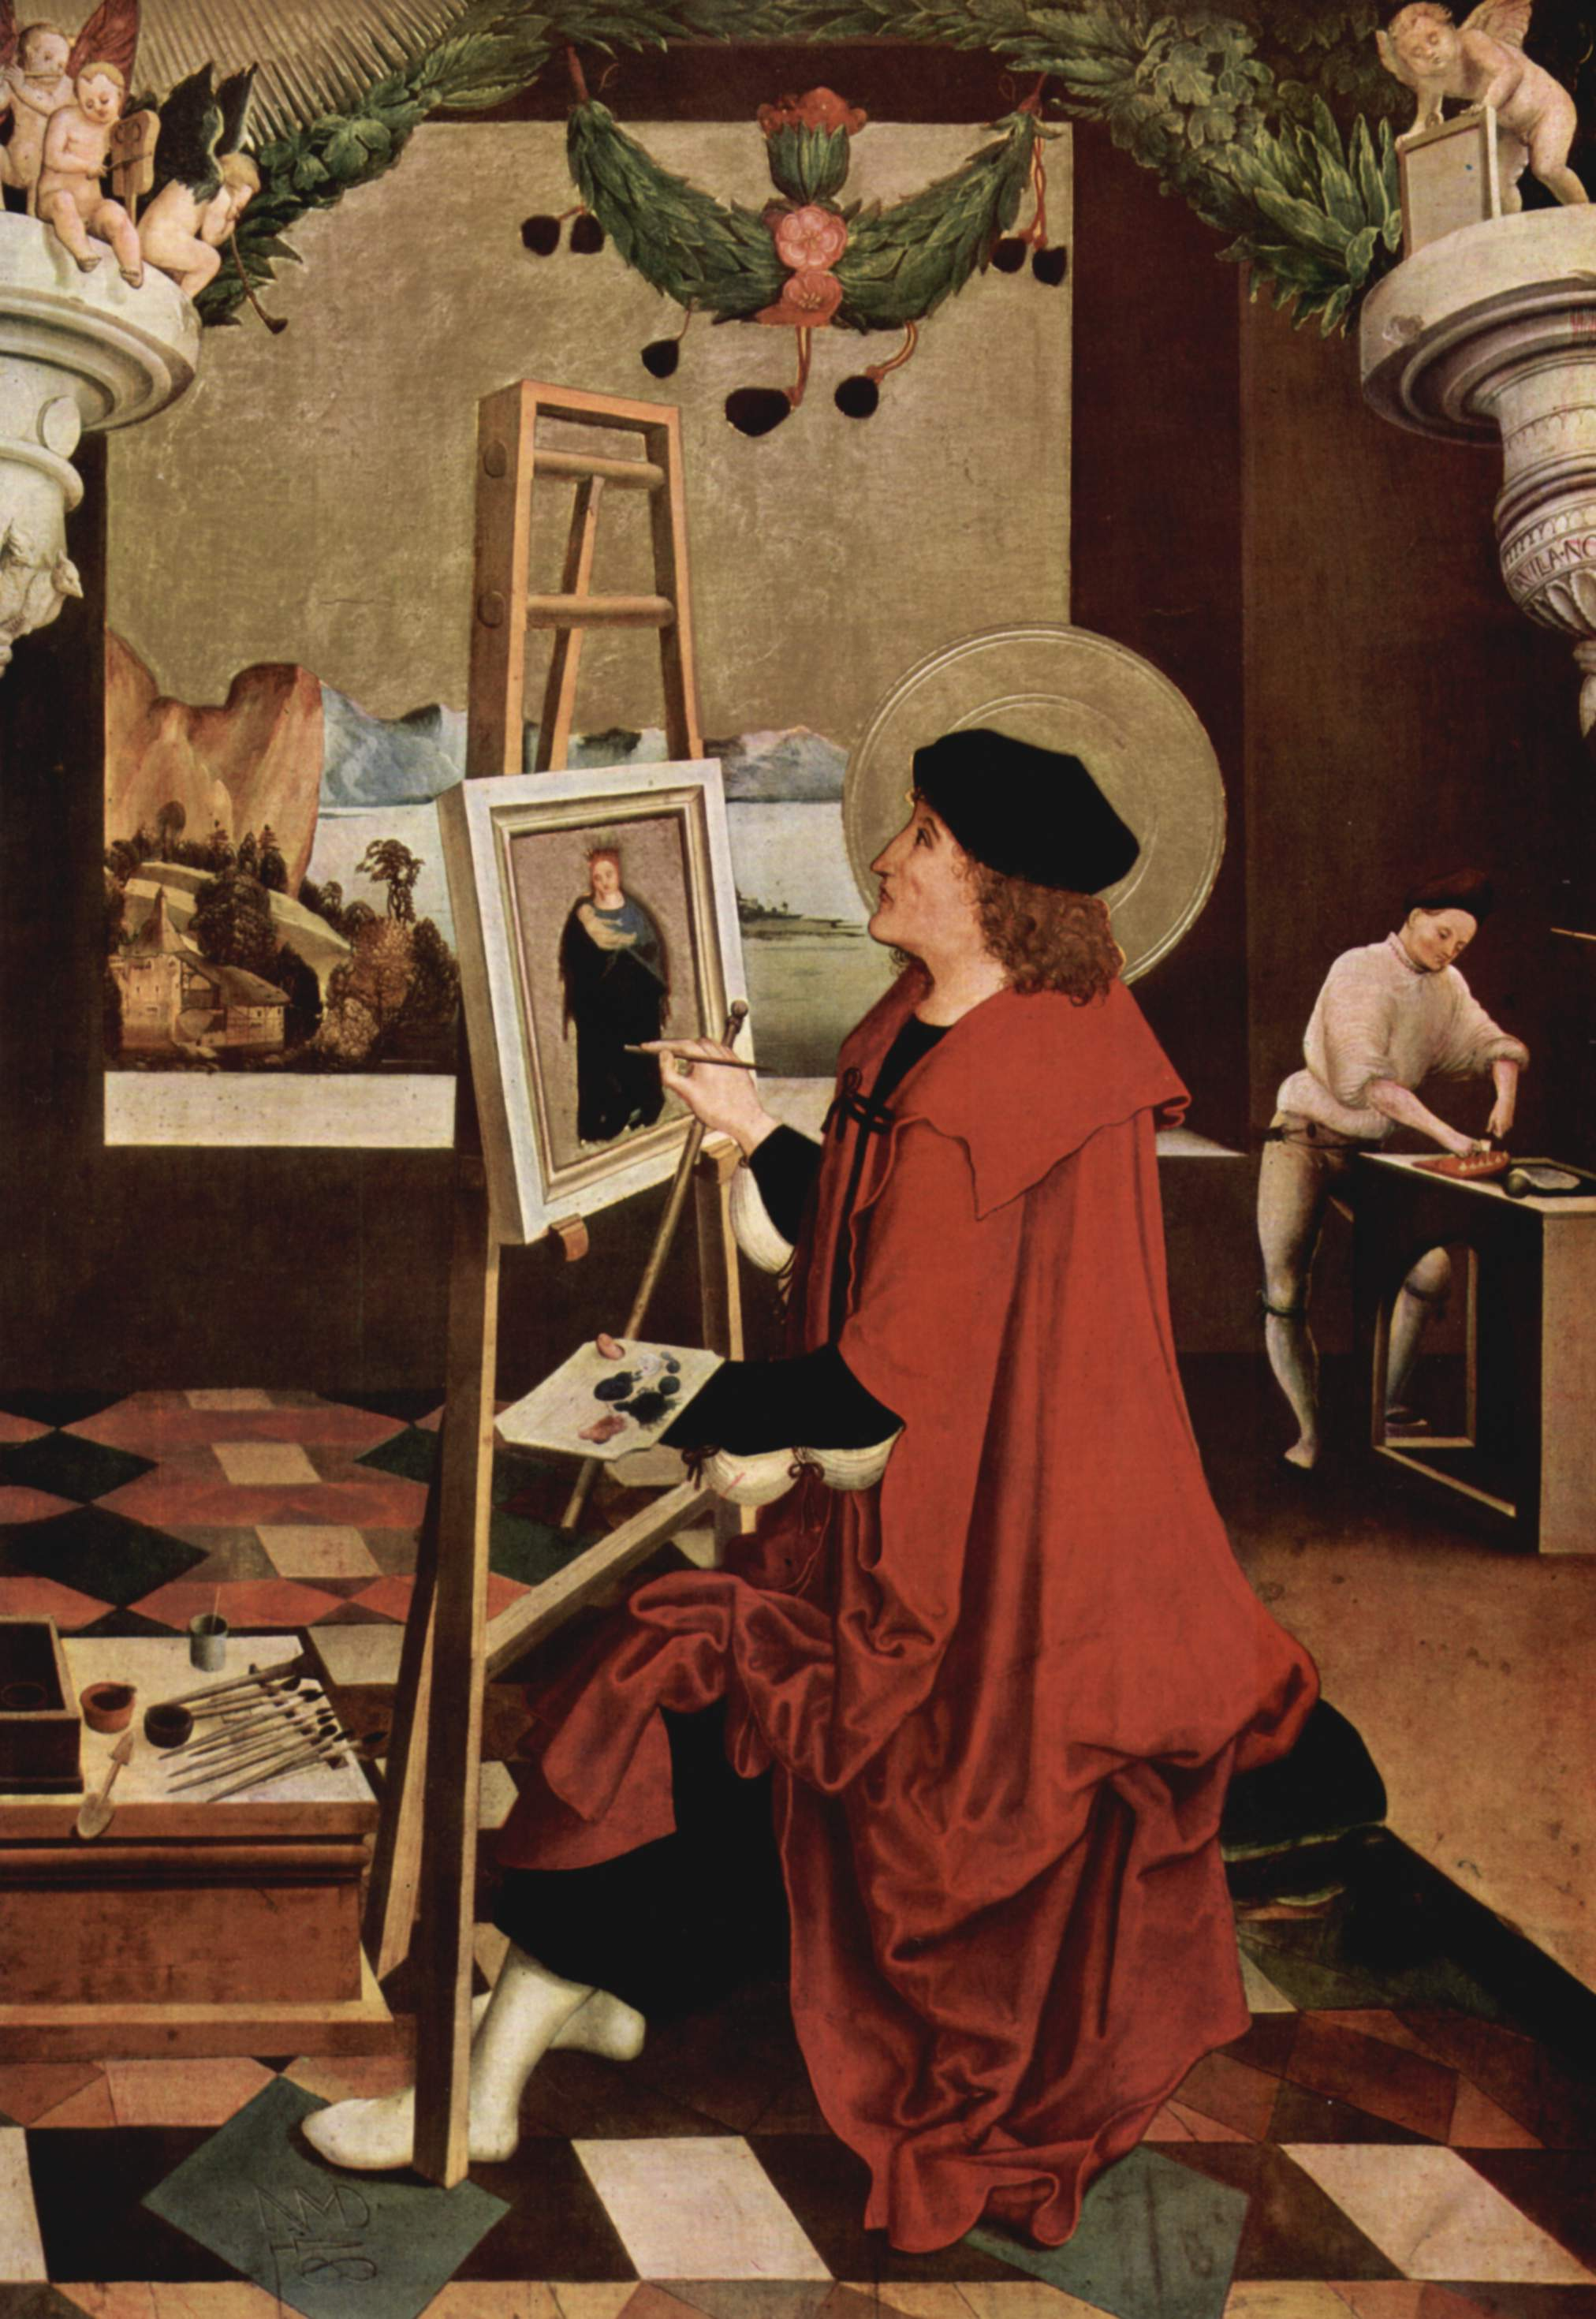 Св. Лука, рисующий Мадонну, створка алтаря, Никлаус Мануэль Дойтш